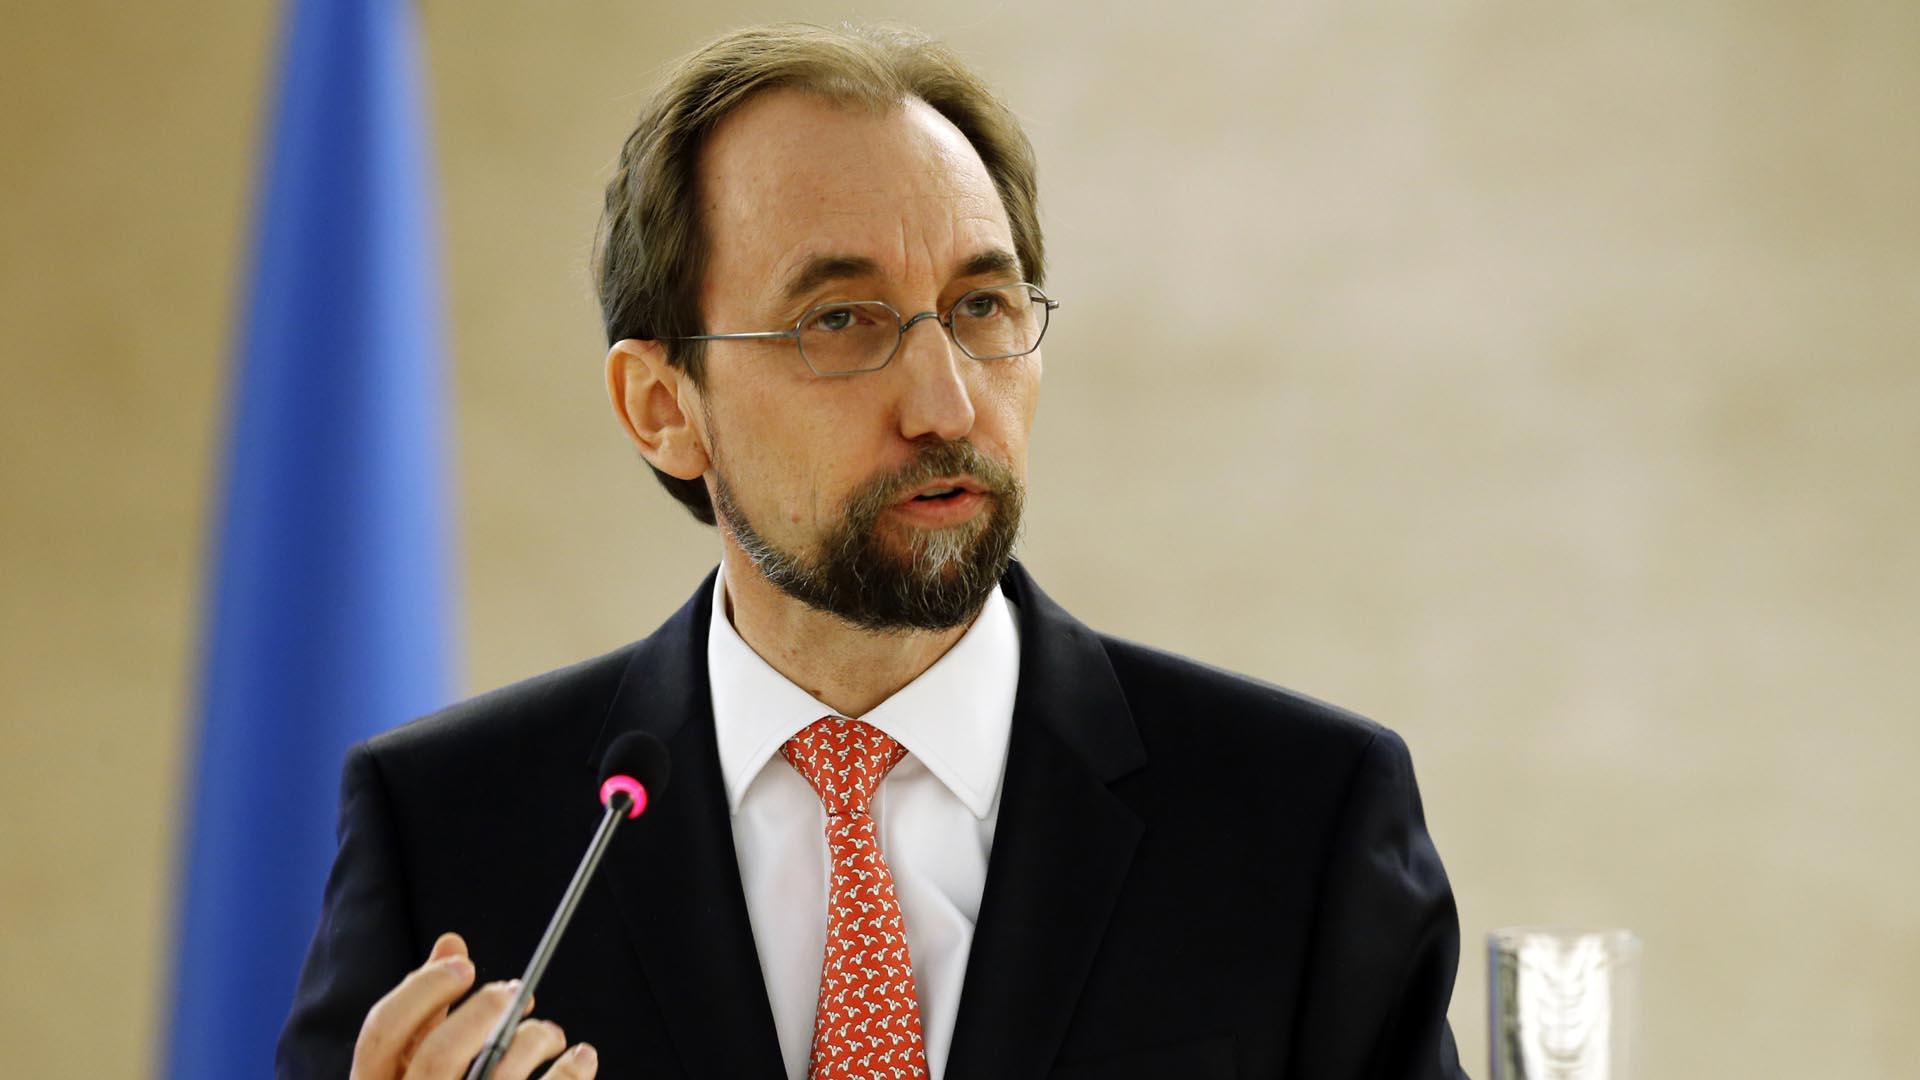 Las declaraciones del Alto Comisionado se produjeron en el marco de las restrictivas medidas impuestas en diferentes países